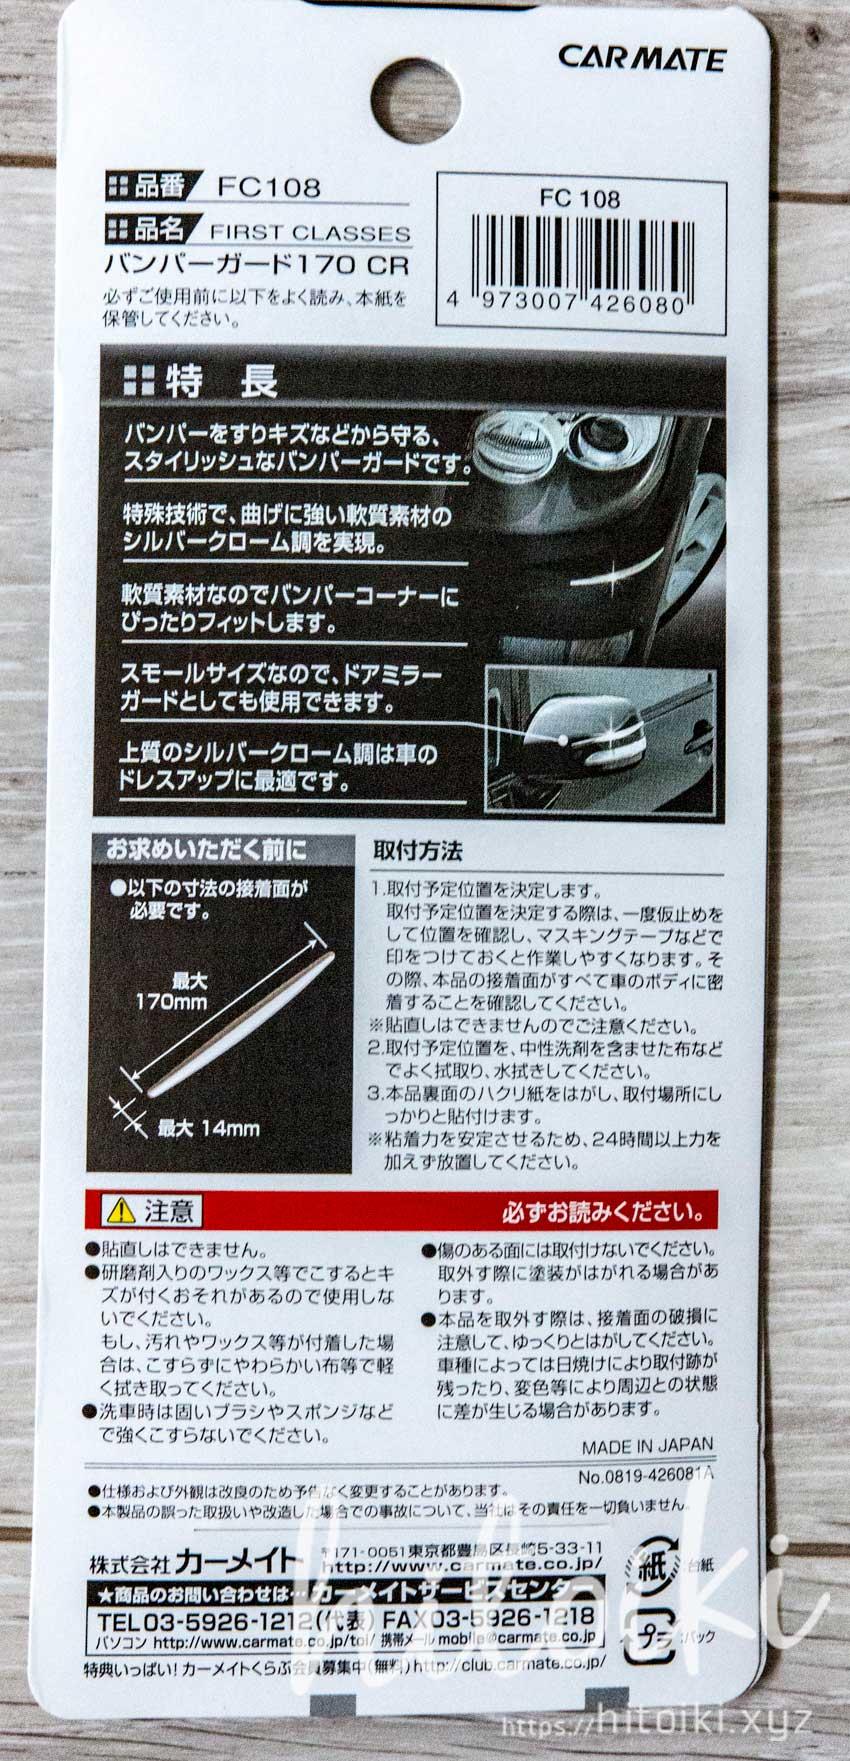 CX-5 CX5の高級感アップのドレスアップアイデア集 cx-8_cx8_dressedup_img_6593